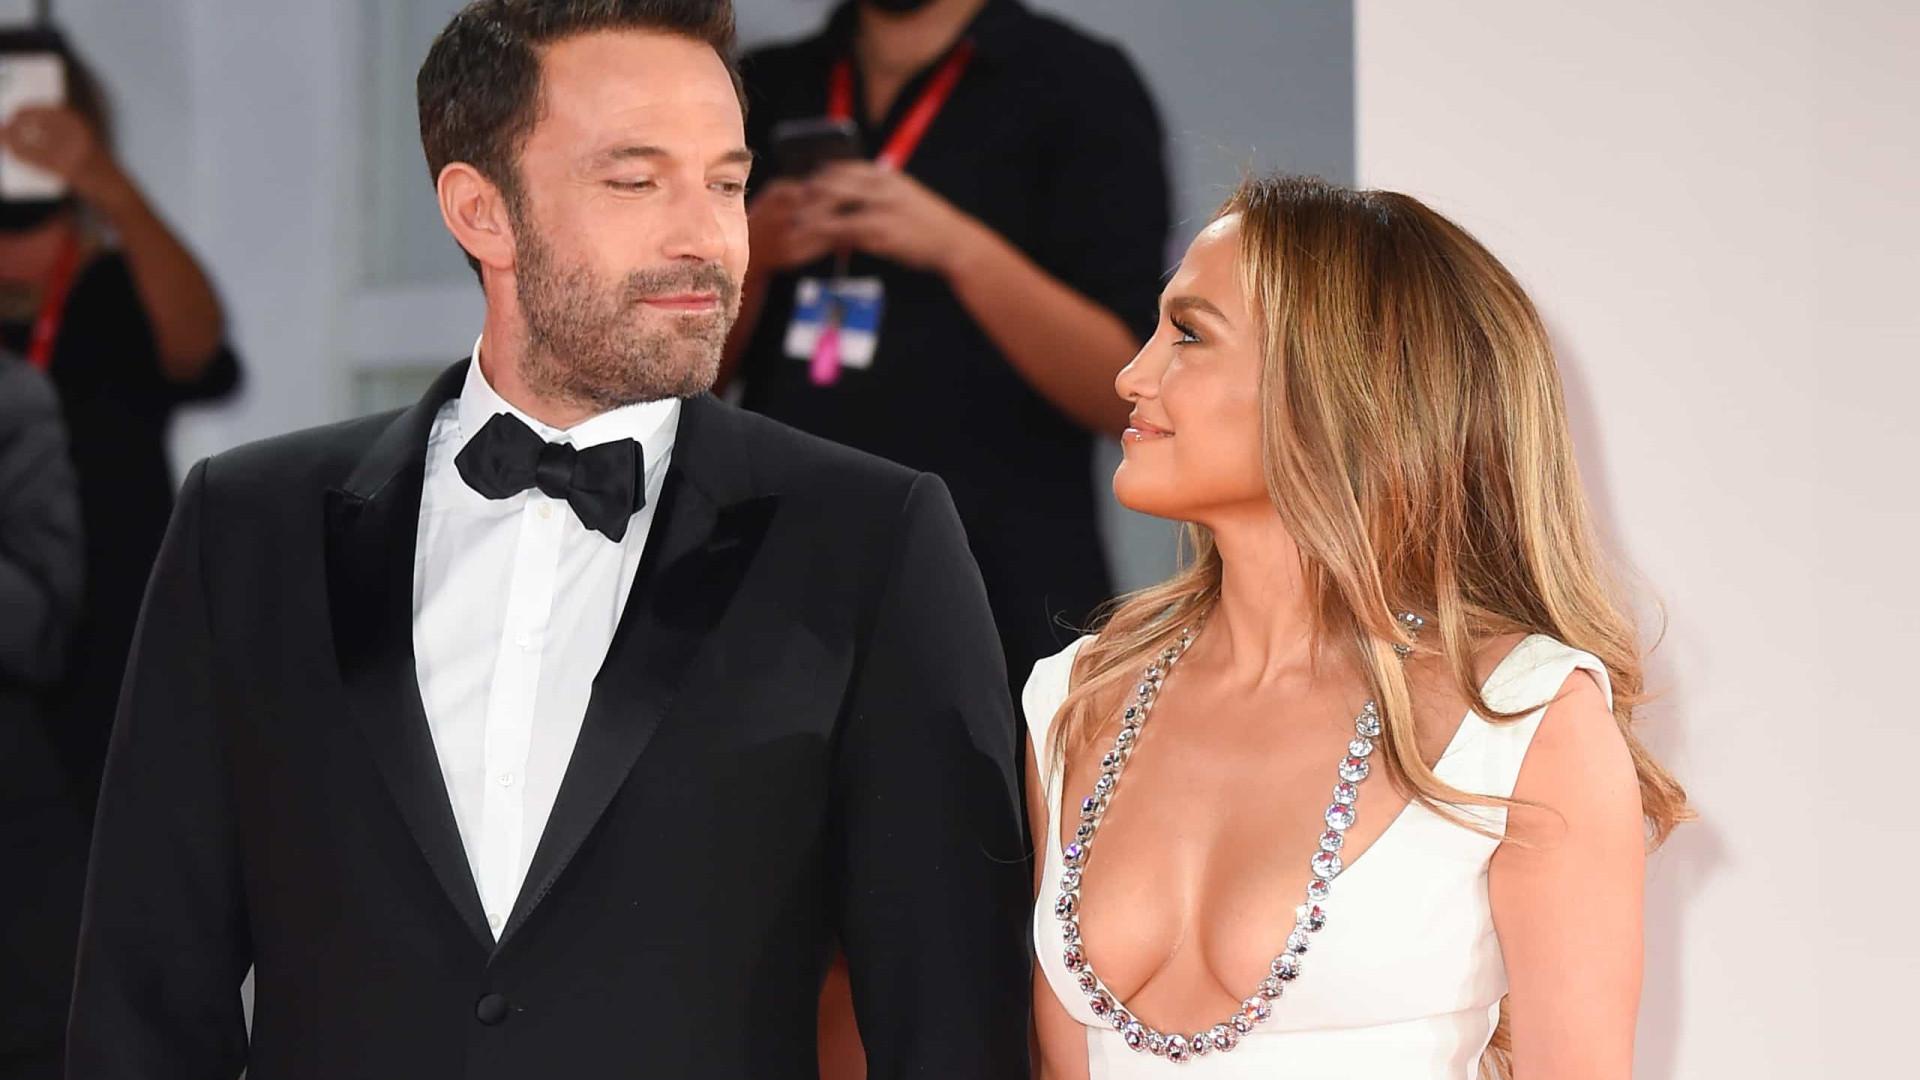 Ben Affleck empurra fã que tenta aproximar-se de Jennifer Lopez